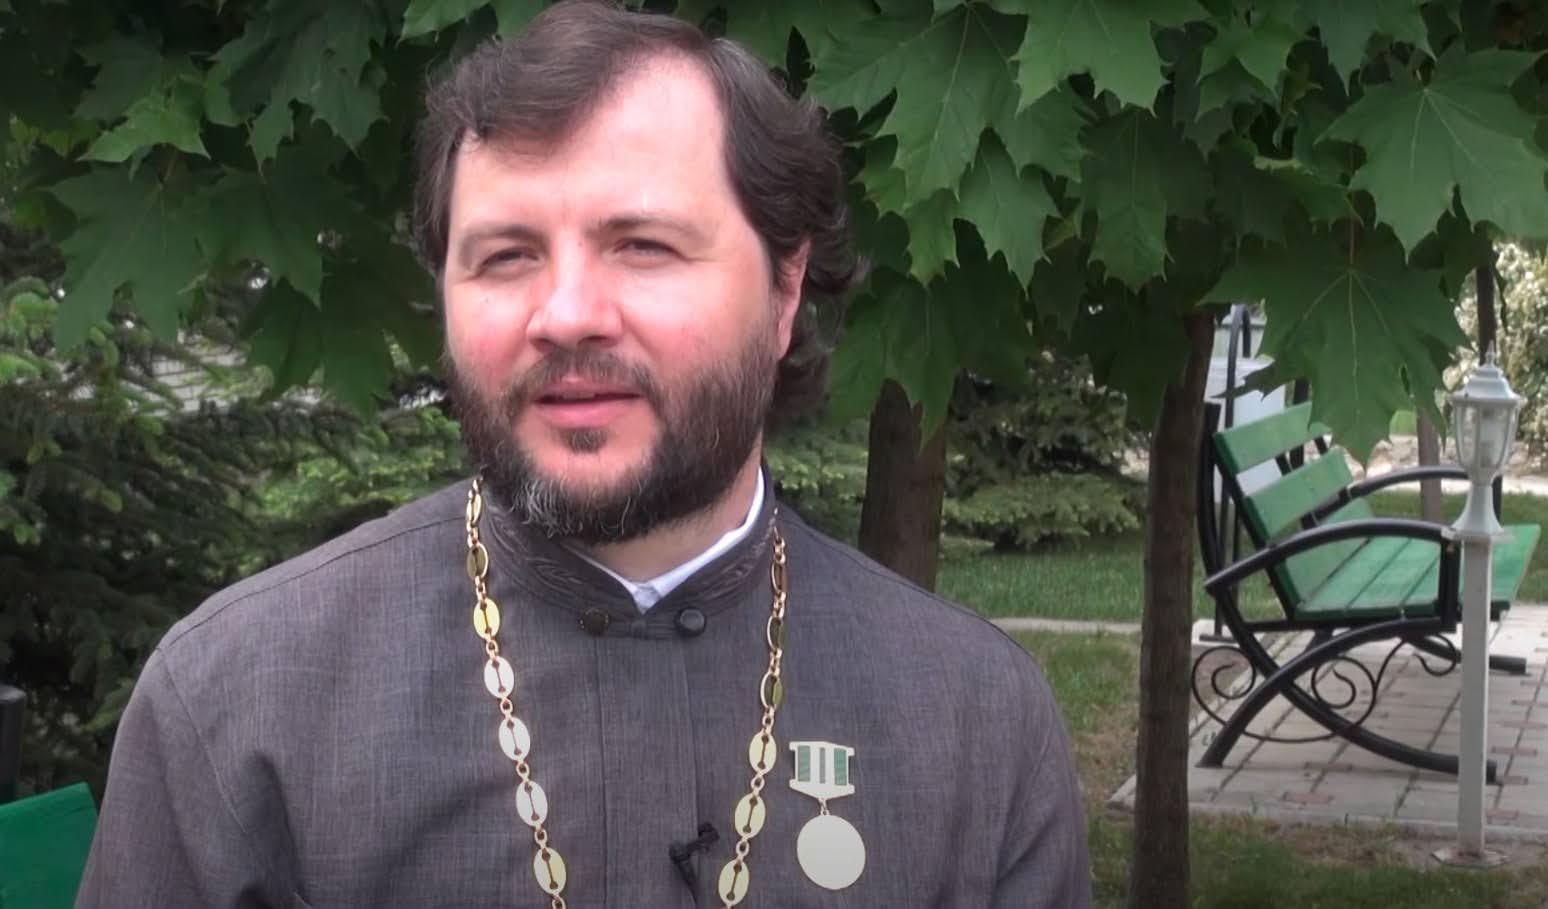 (ВИДЕО) Иер. Димитрий Узун: «Терпению и смирению каждый должен научить себя сам»